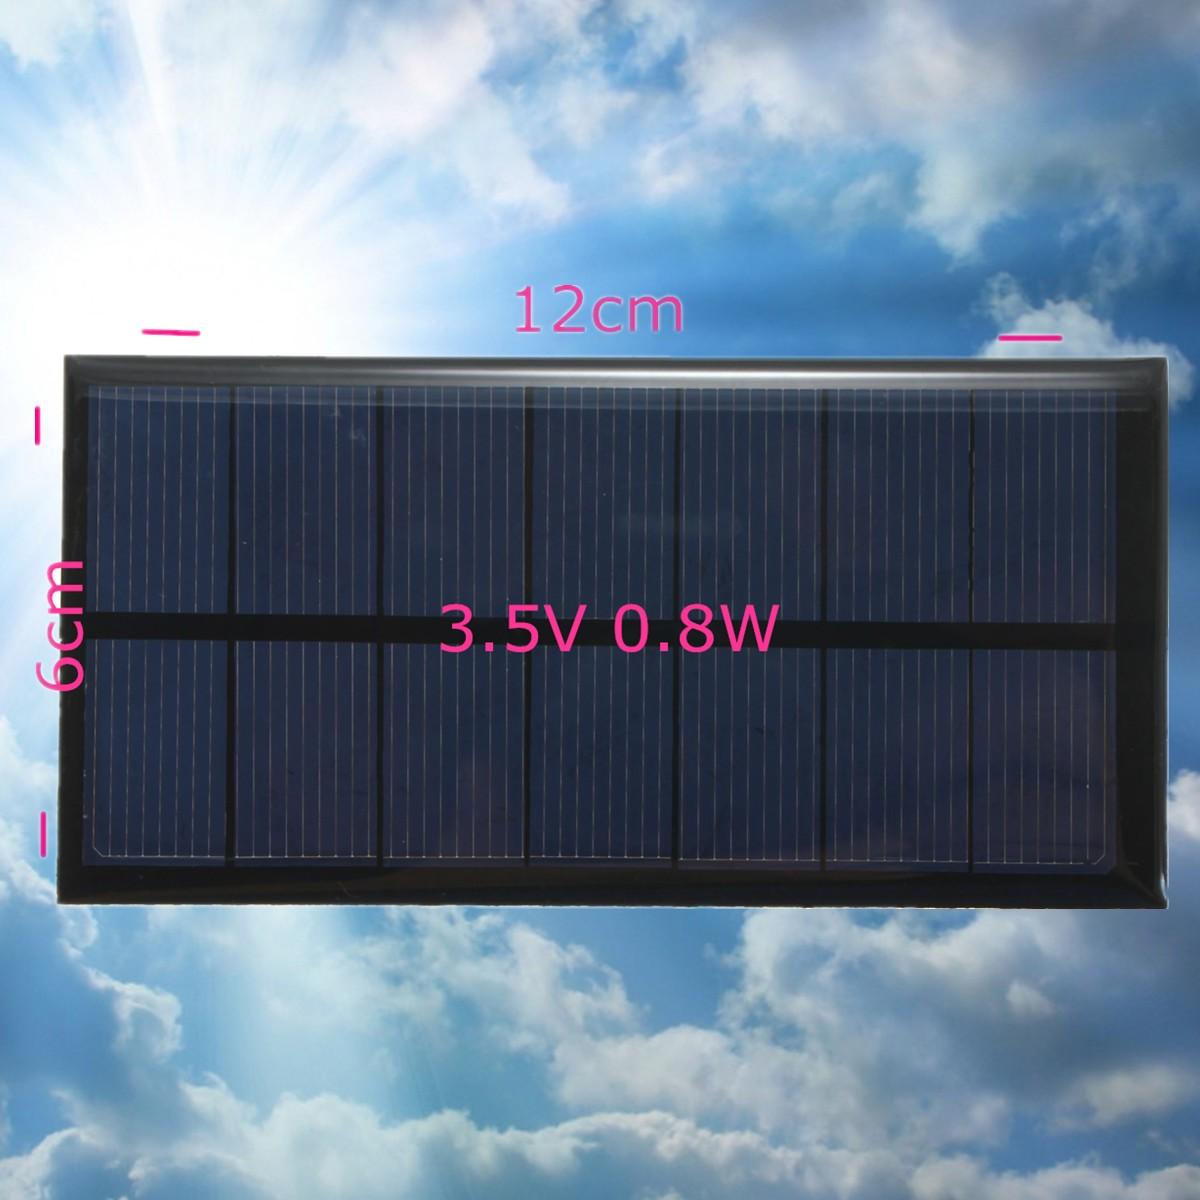 Pannelli solari fotovoltaici monocristallino o policristallino 62